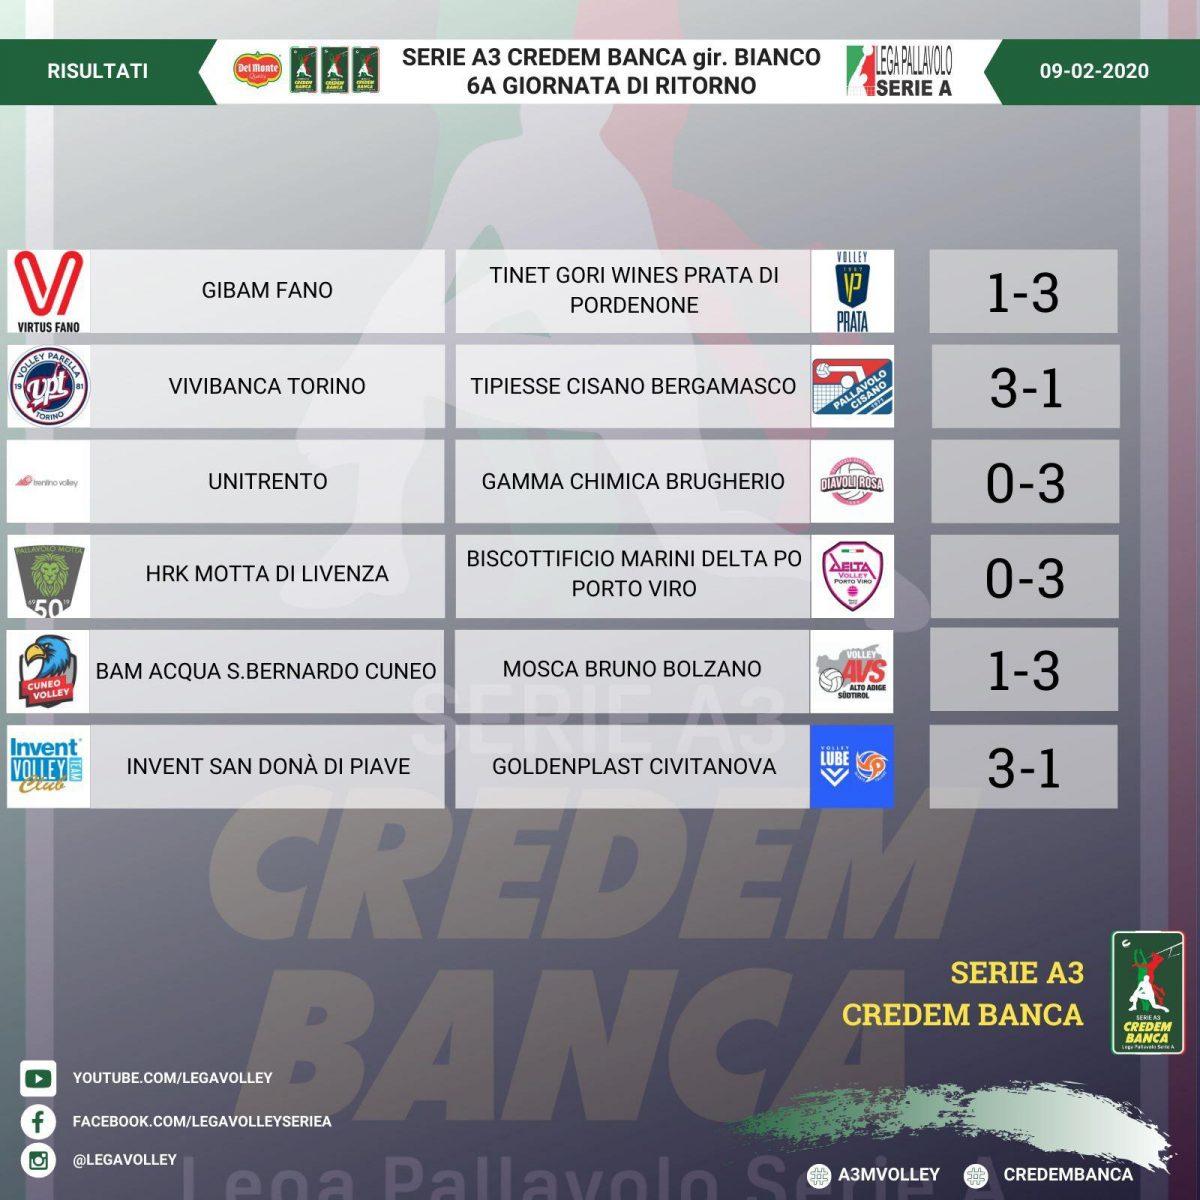 Risultati 17° giornata Regular Season e Classifica campionato Serie A3 Credem Banca girone Bianco